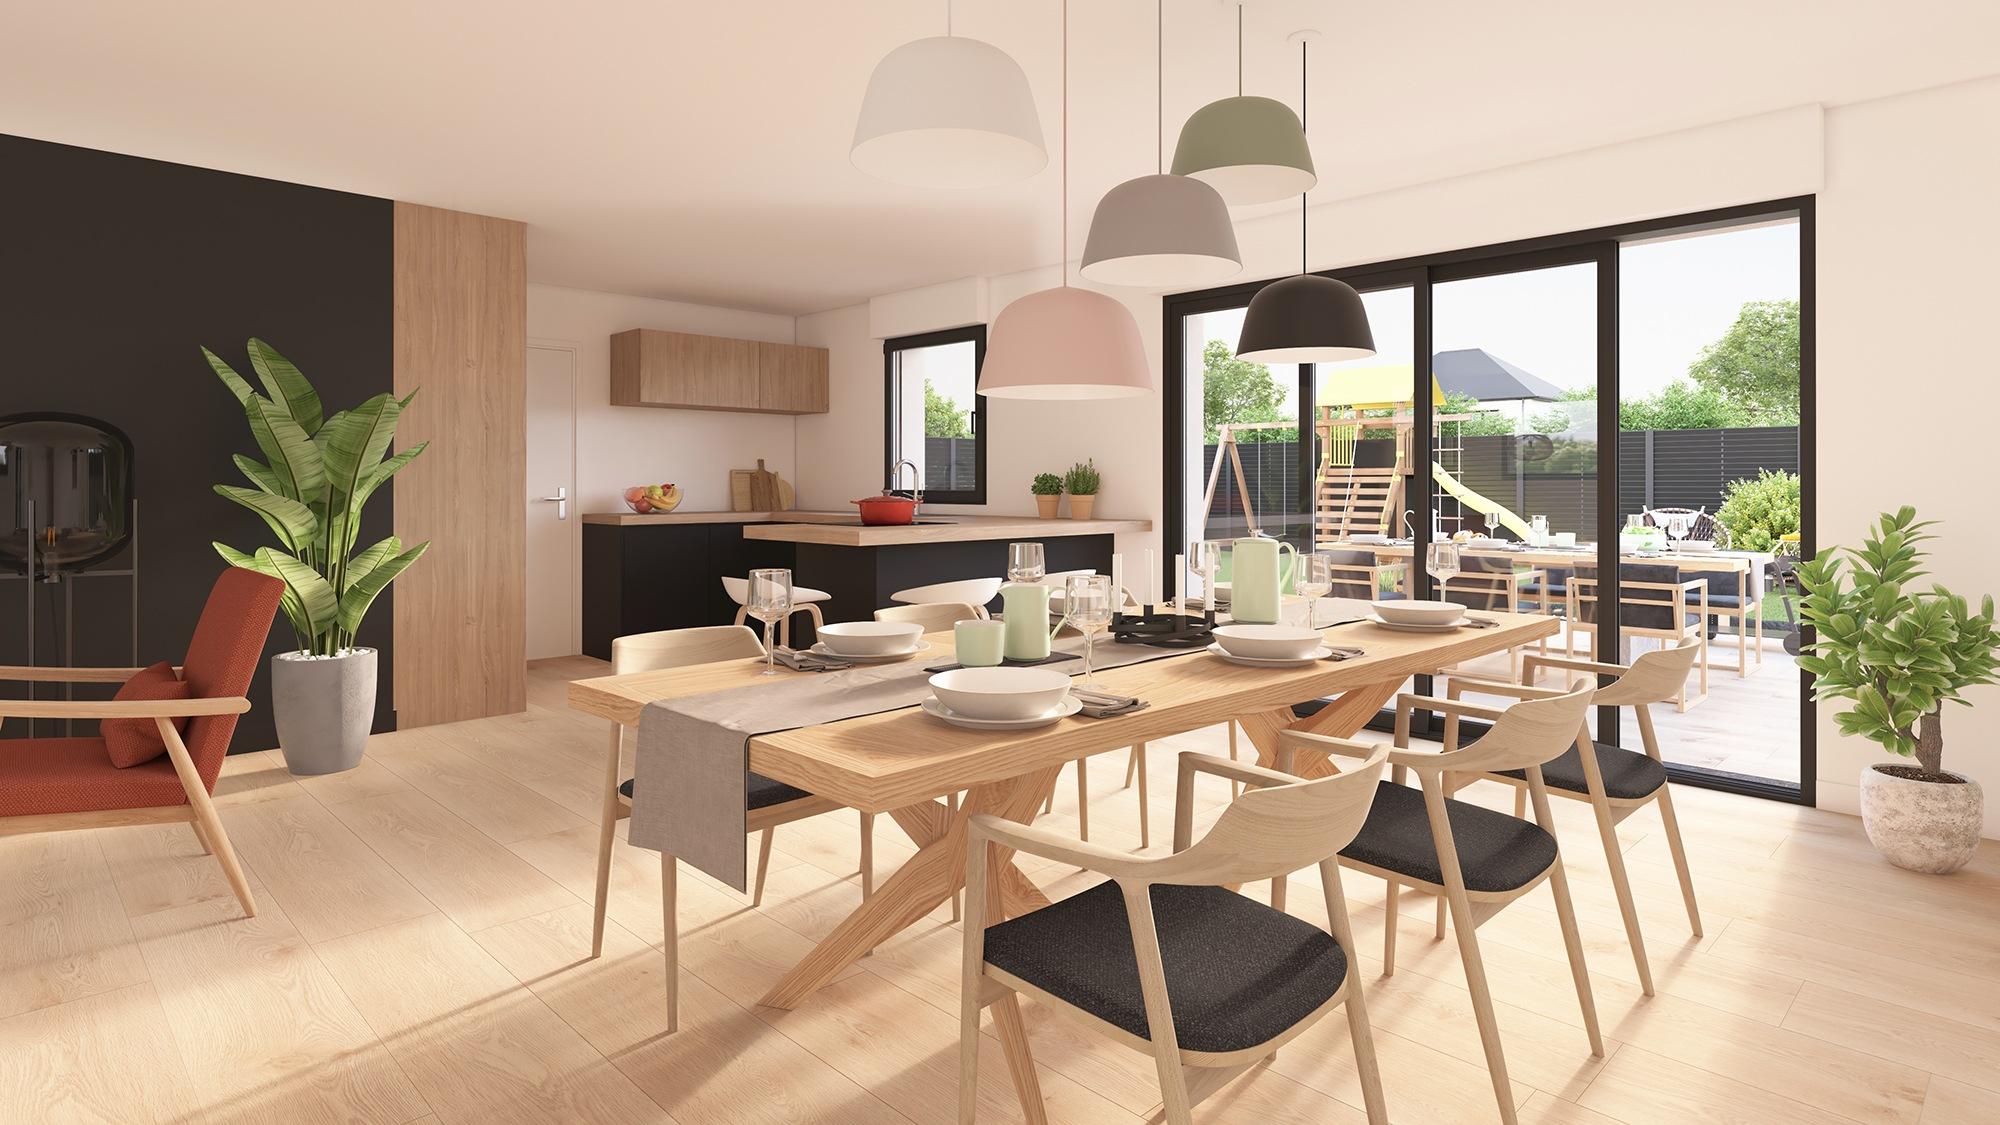 Maisons + Terrains du constructeur Maison Castor Amiens • 96 m² • WARLOY BAILLON